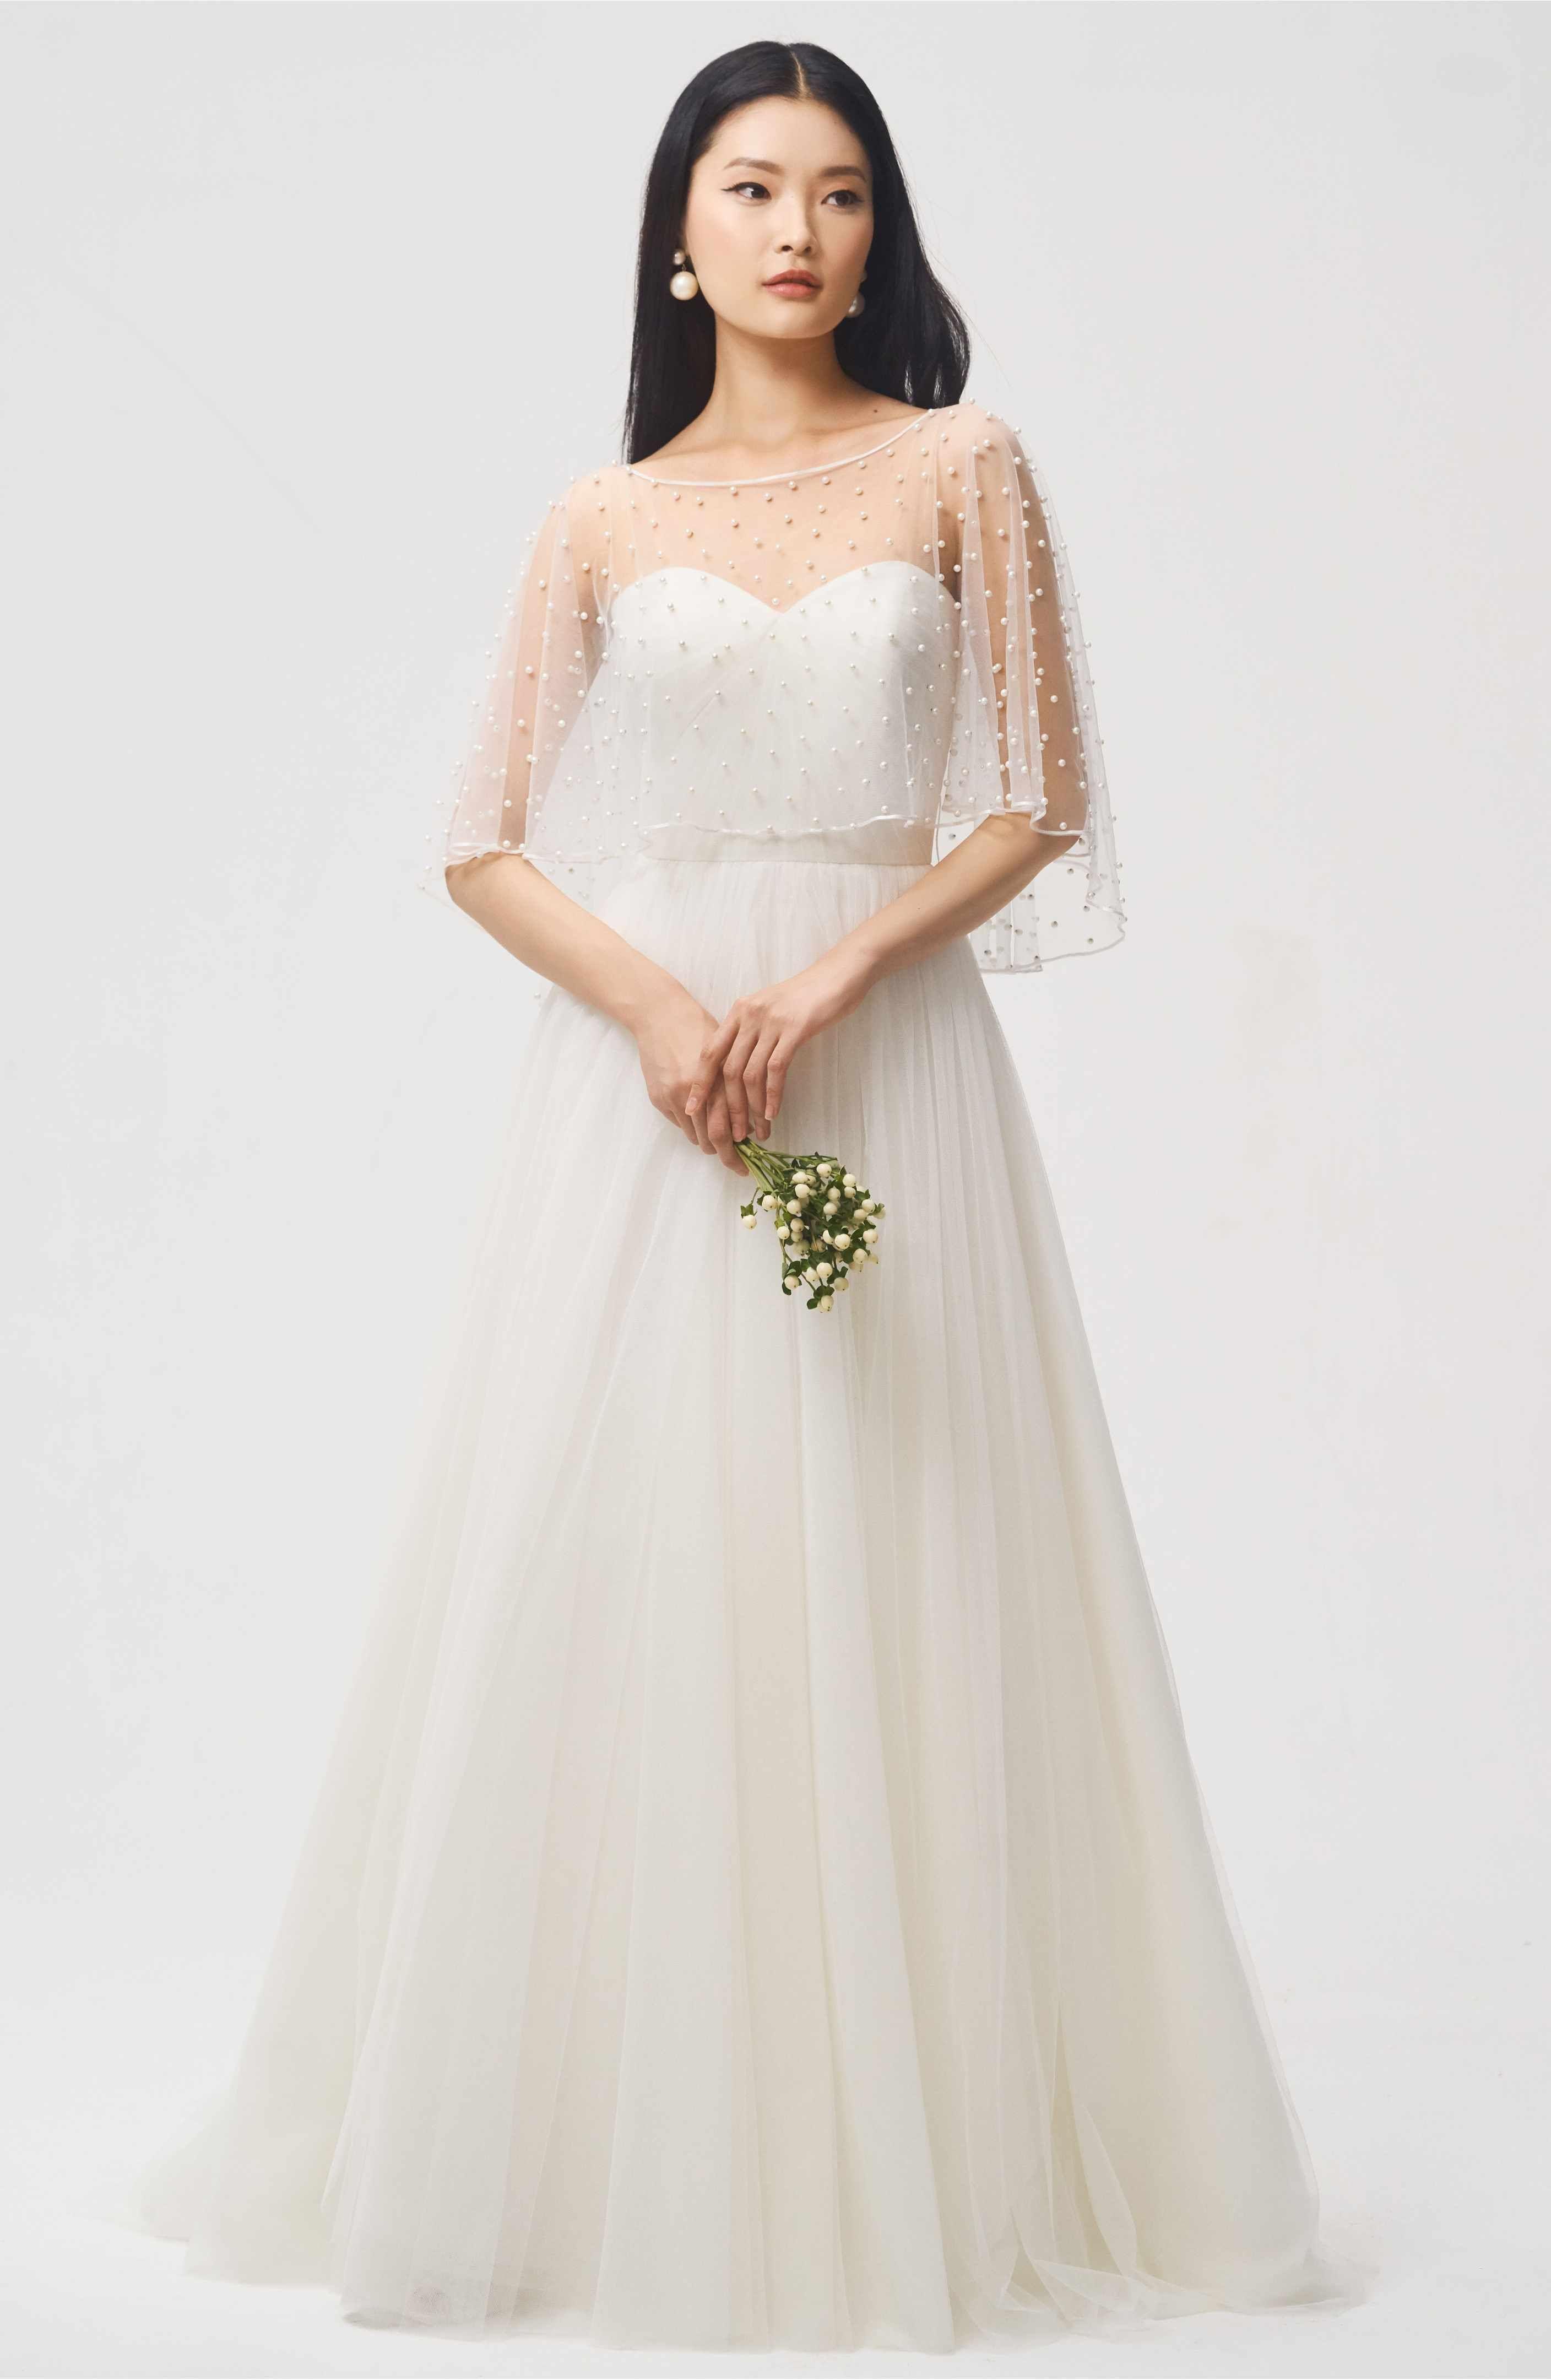 Dreamy jenny yoo fiona imitation pearl tulle top weddingdress